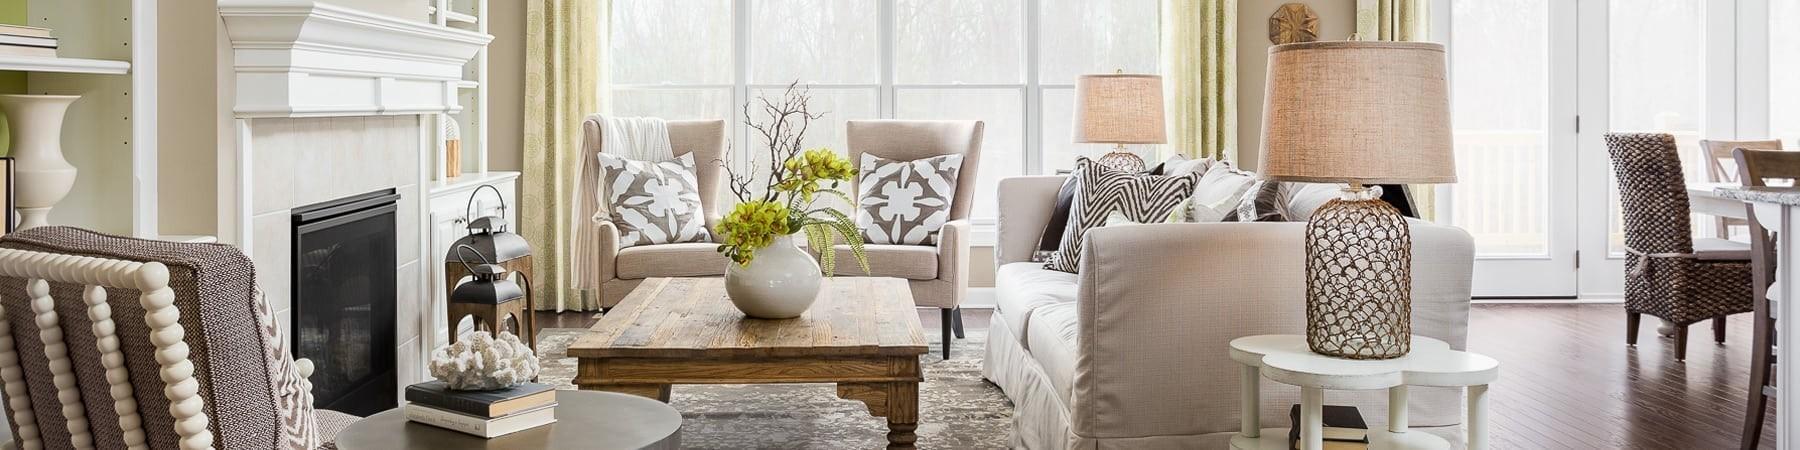 Đồ vật trang trí dùng cho phòng khách, đẹp và sang trọng